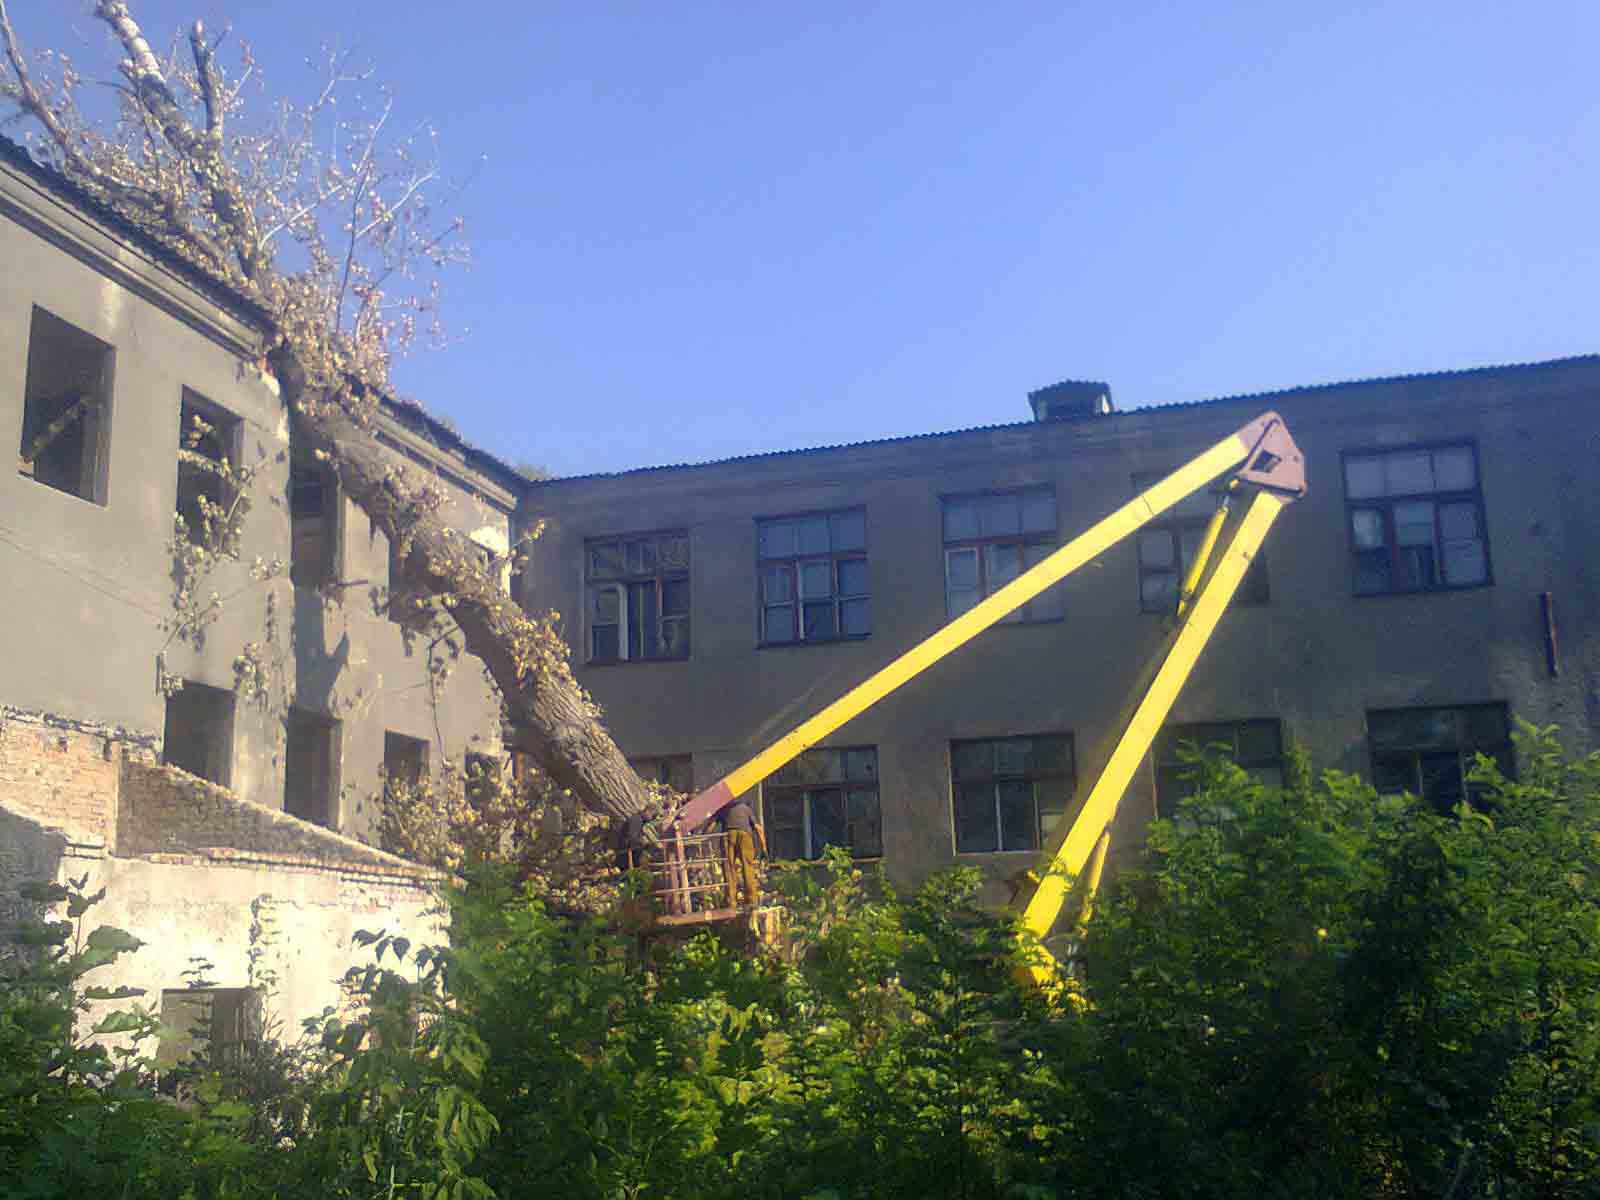 Разборка по частям упавшего тополя после бури с крыши здания